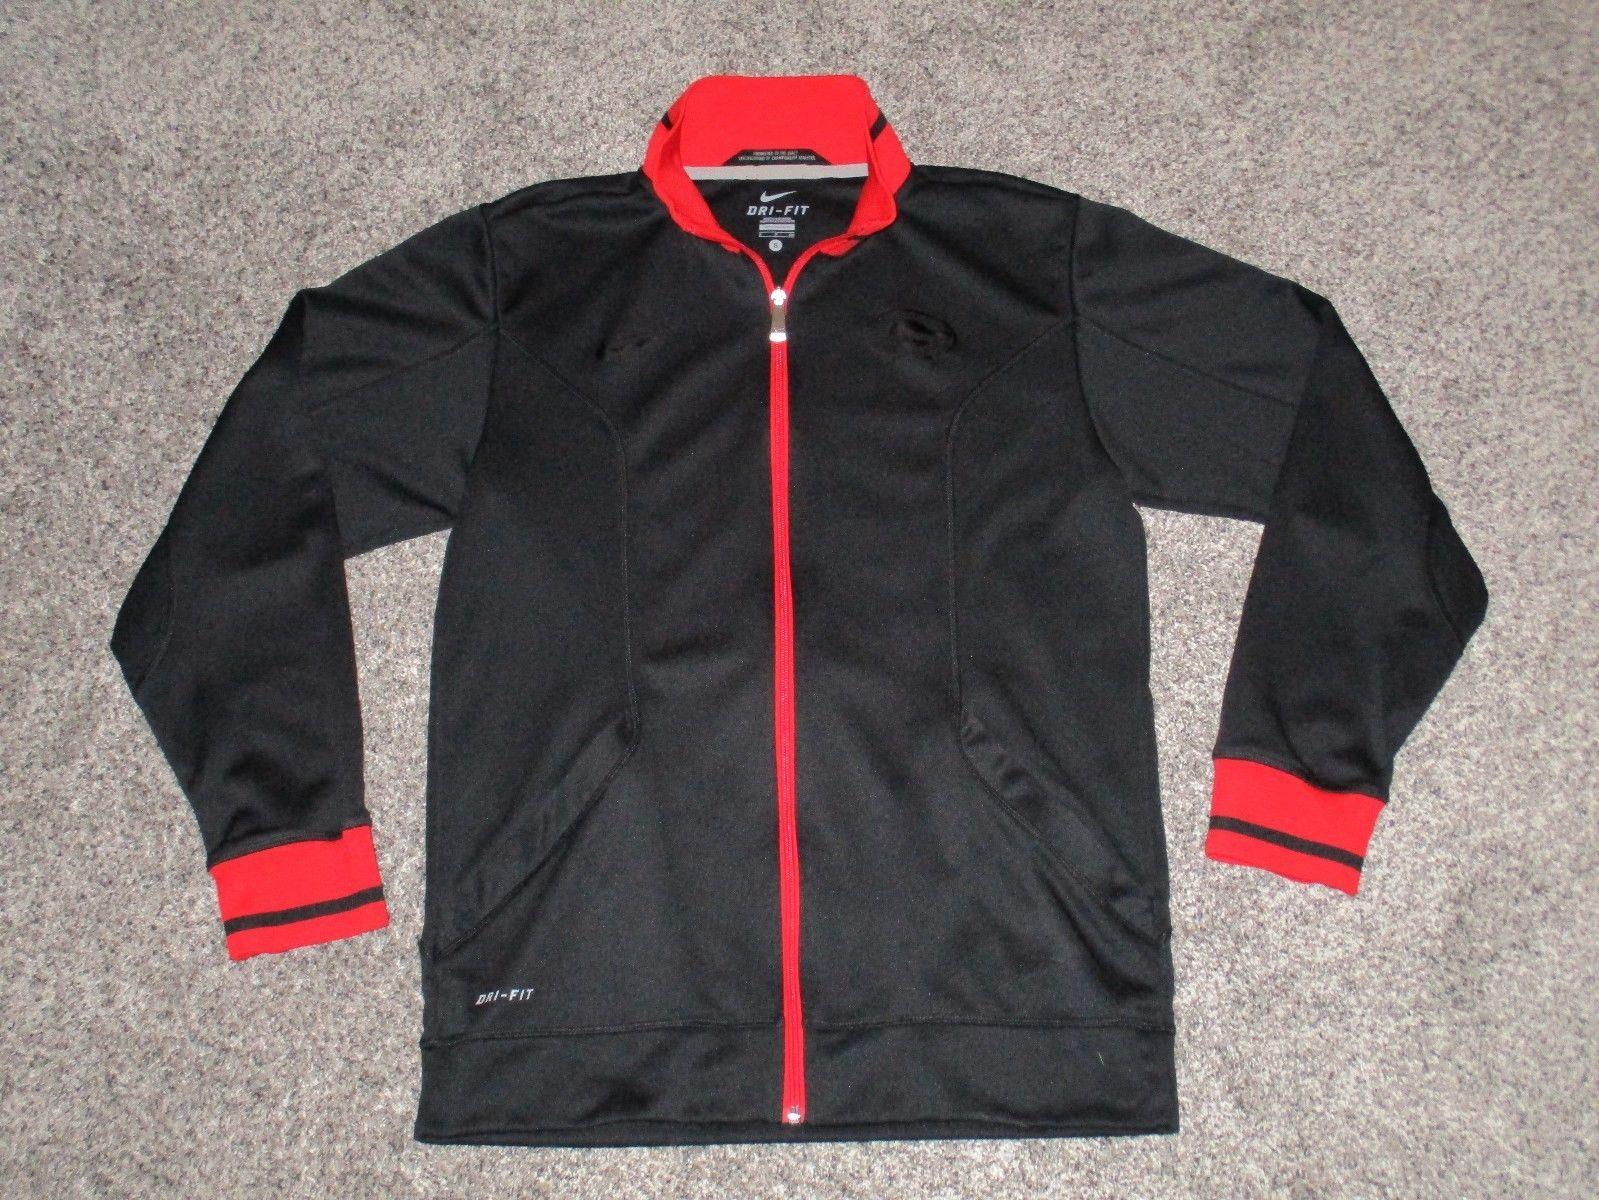 d6d6443bec1a4 Nike Dri-Fit Georgia Bulldogs Full Zip Track and 39 similar items